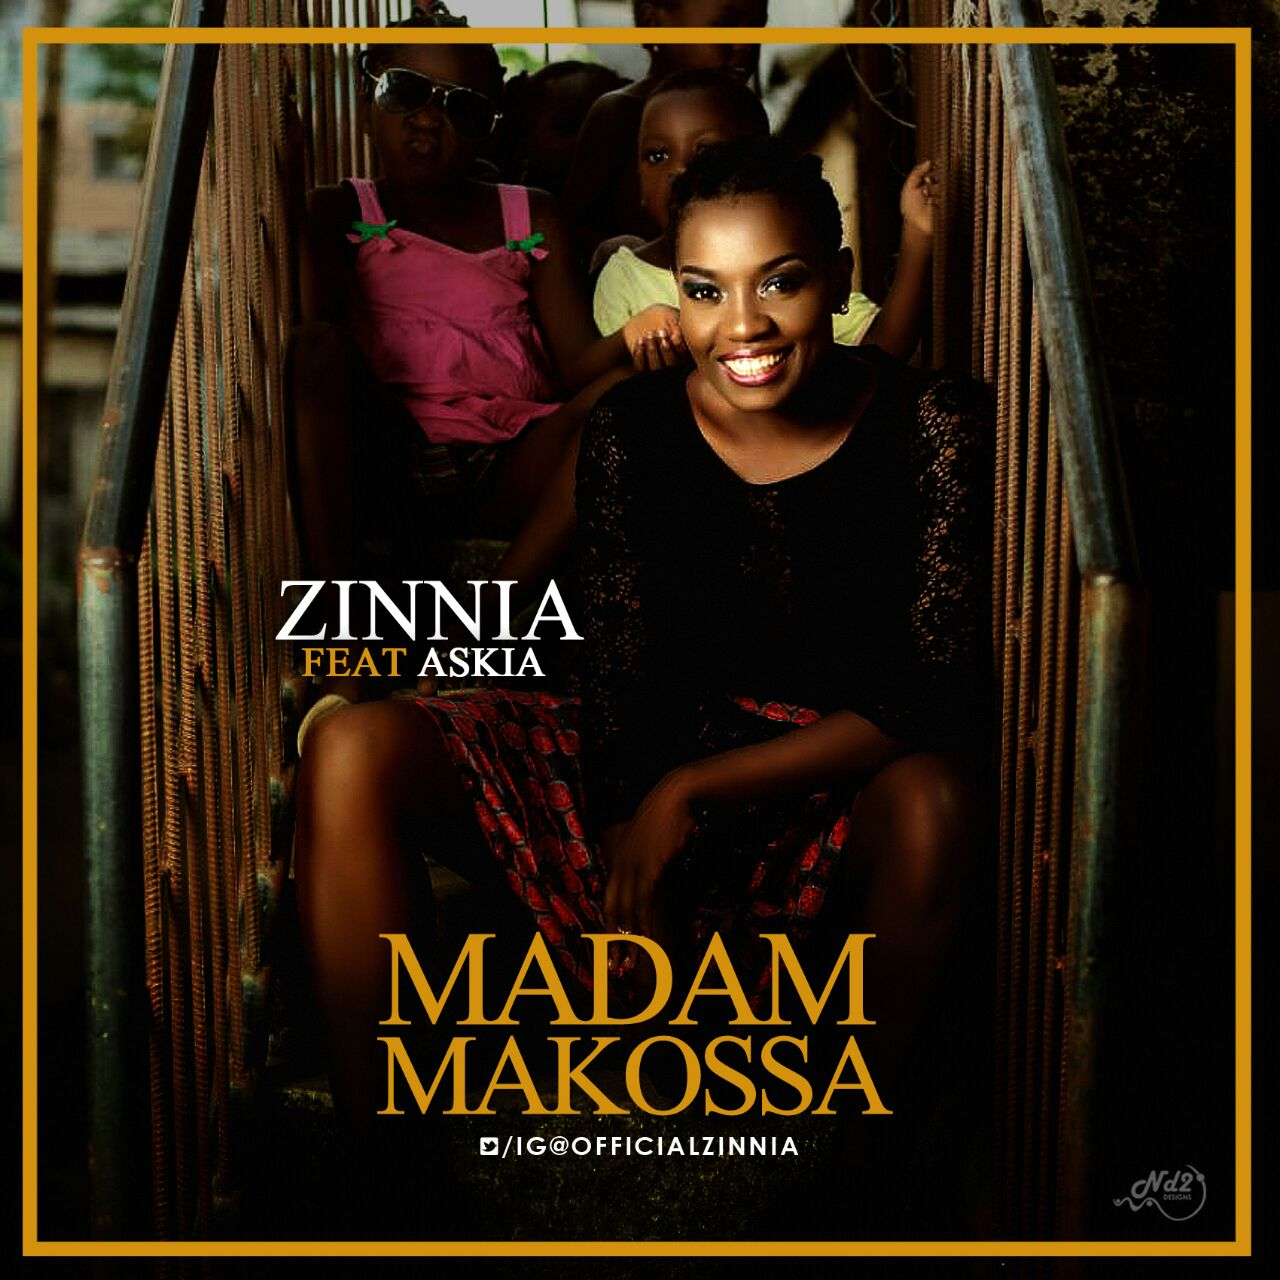 Zinnia Feat Askia - Madam Makossa